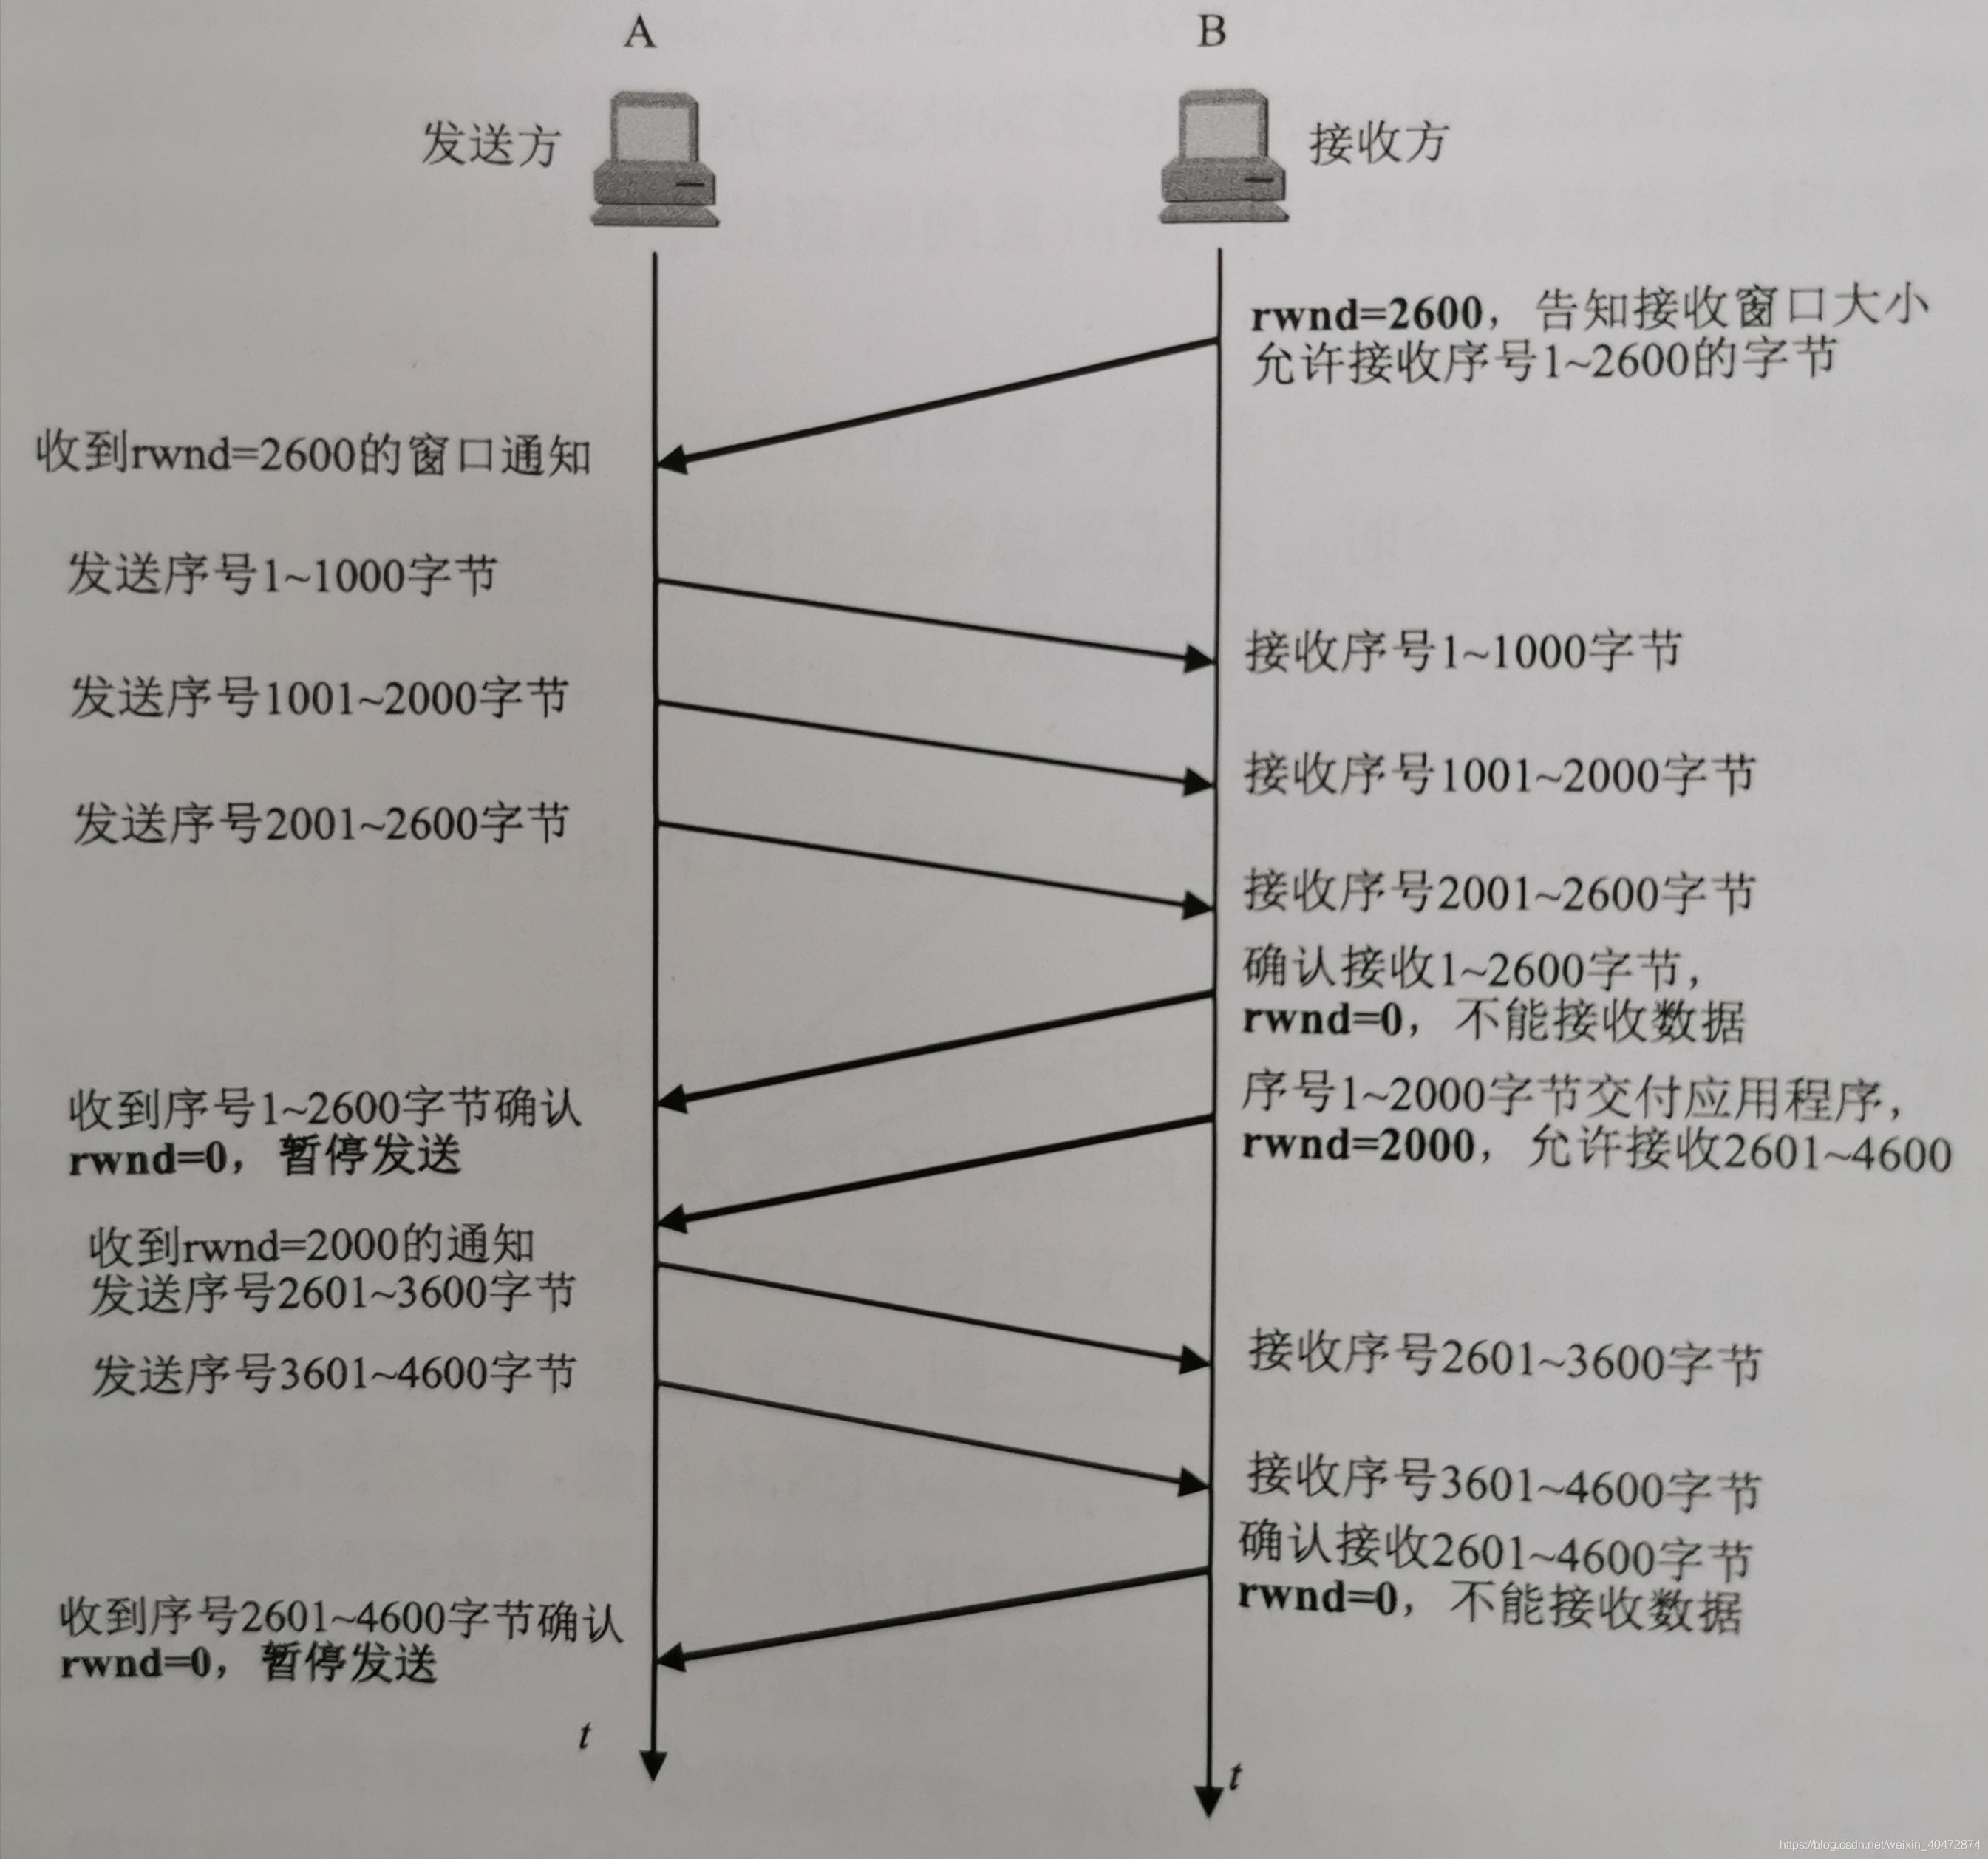 图2.2窗口控制示例